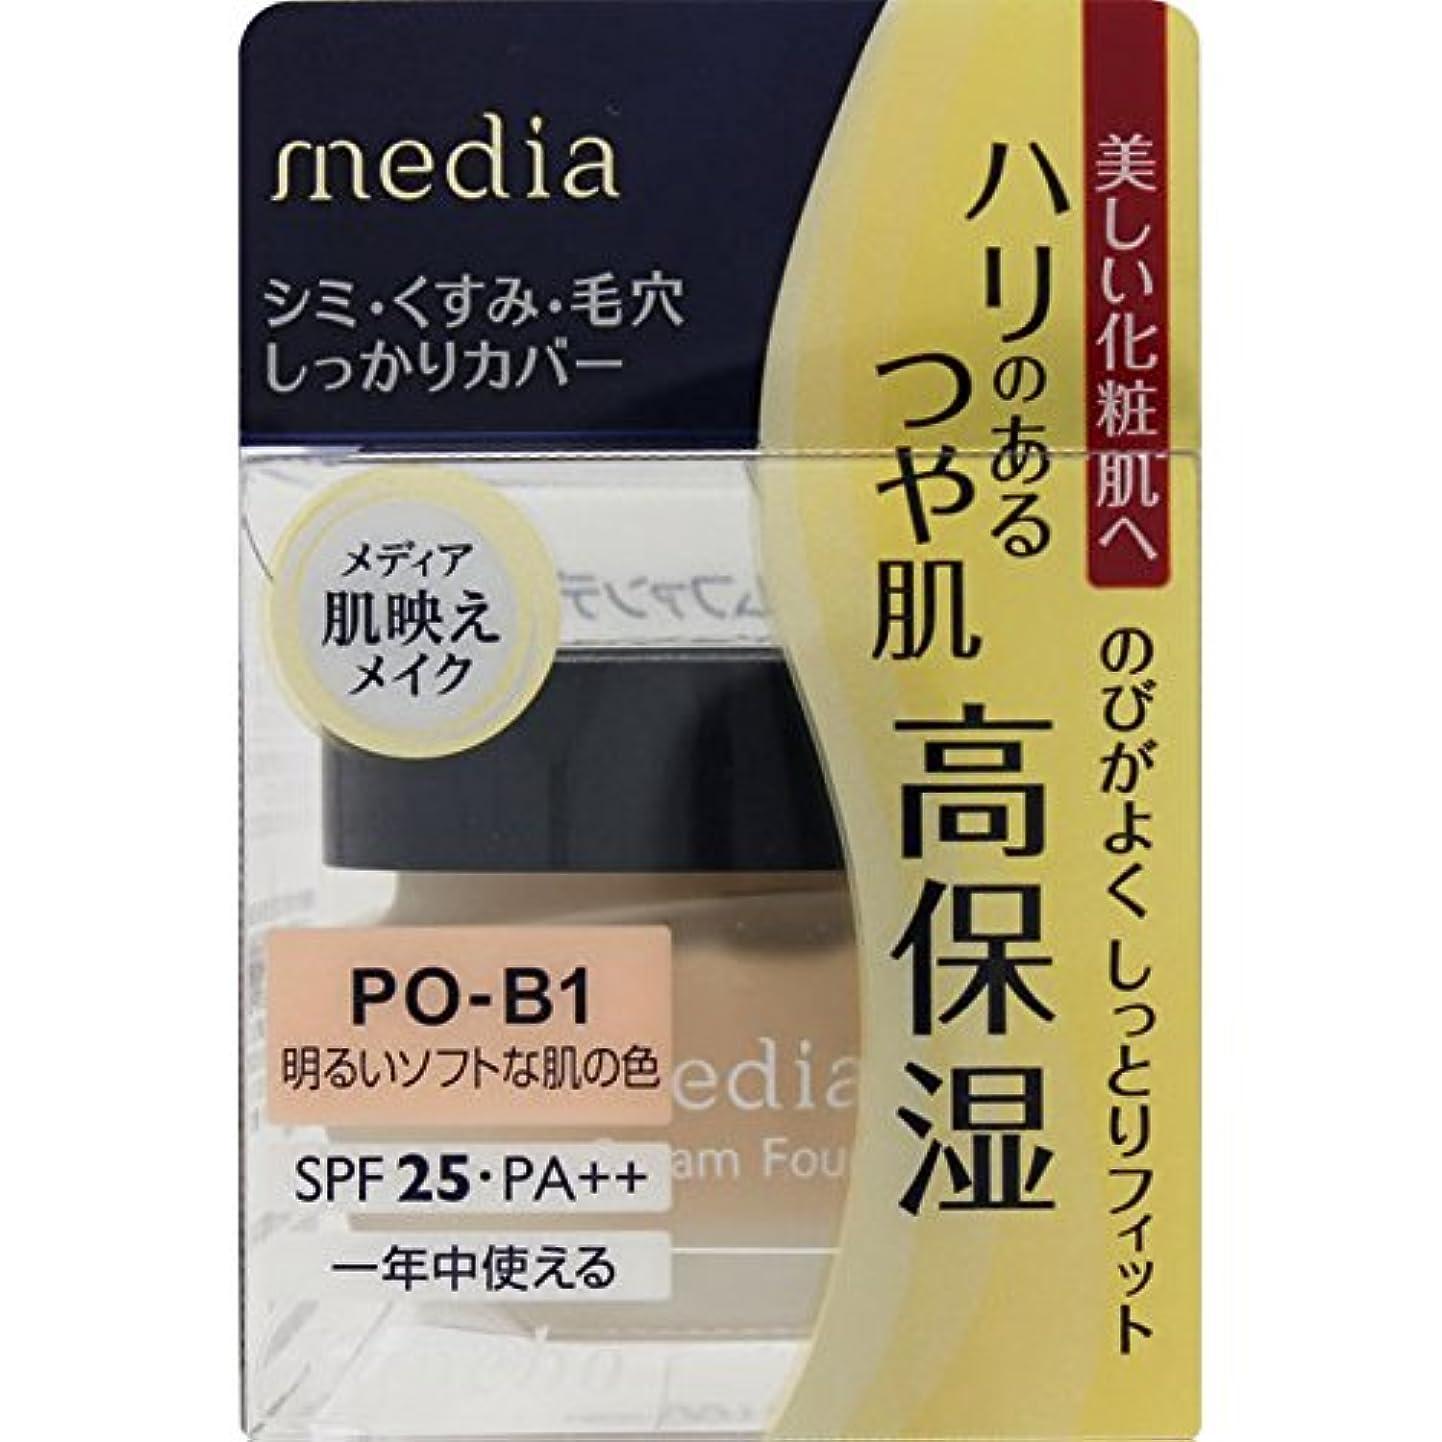 の慈悲で旋律的とんでもないカネボウ化粧品 メディア クリームファンデーション 明るいソフトな肌の色 POーB1